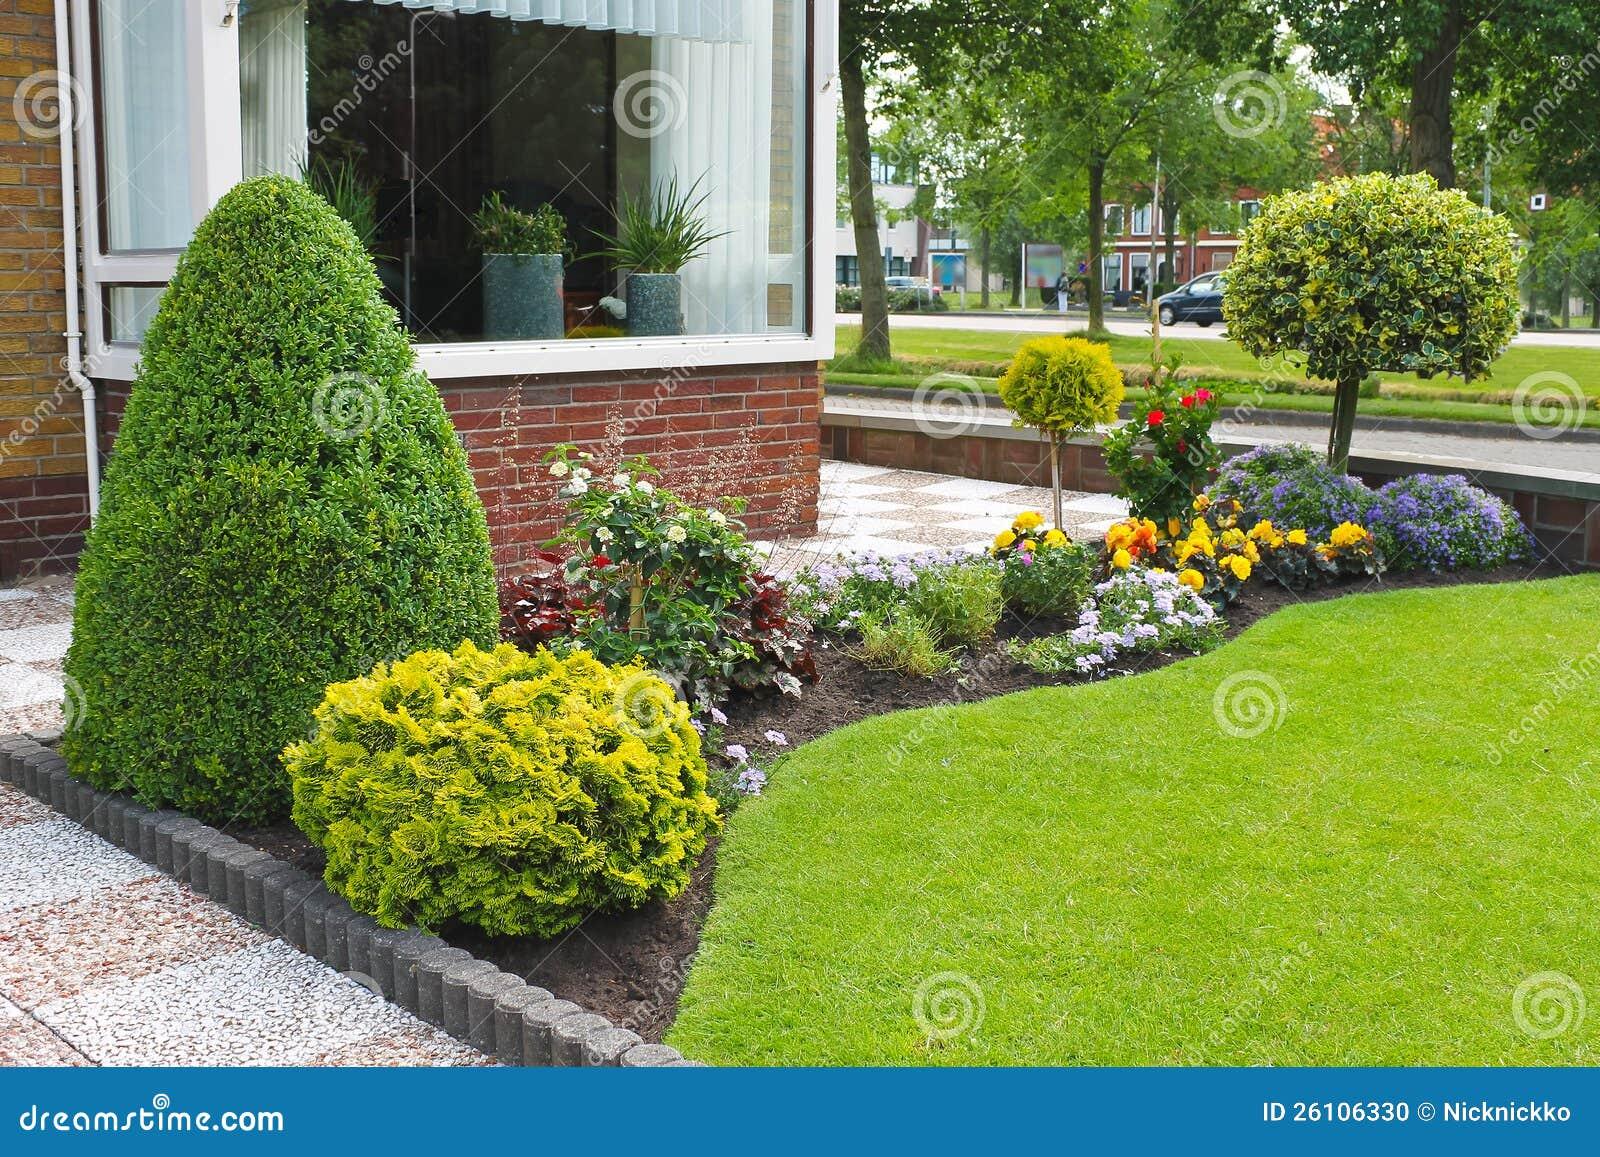 piccolo giardino davanti alla casa olandese. fotografia stock ... - Piccolo Giardino In Casa